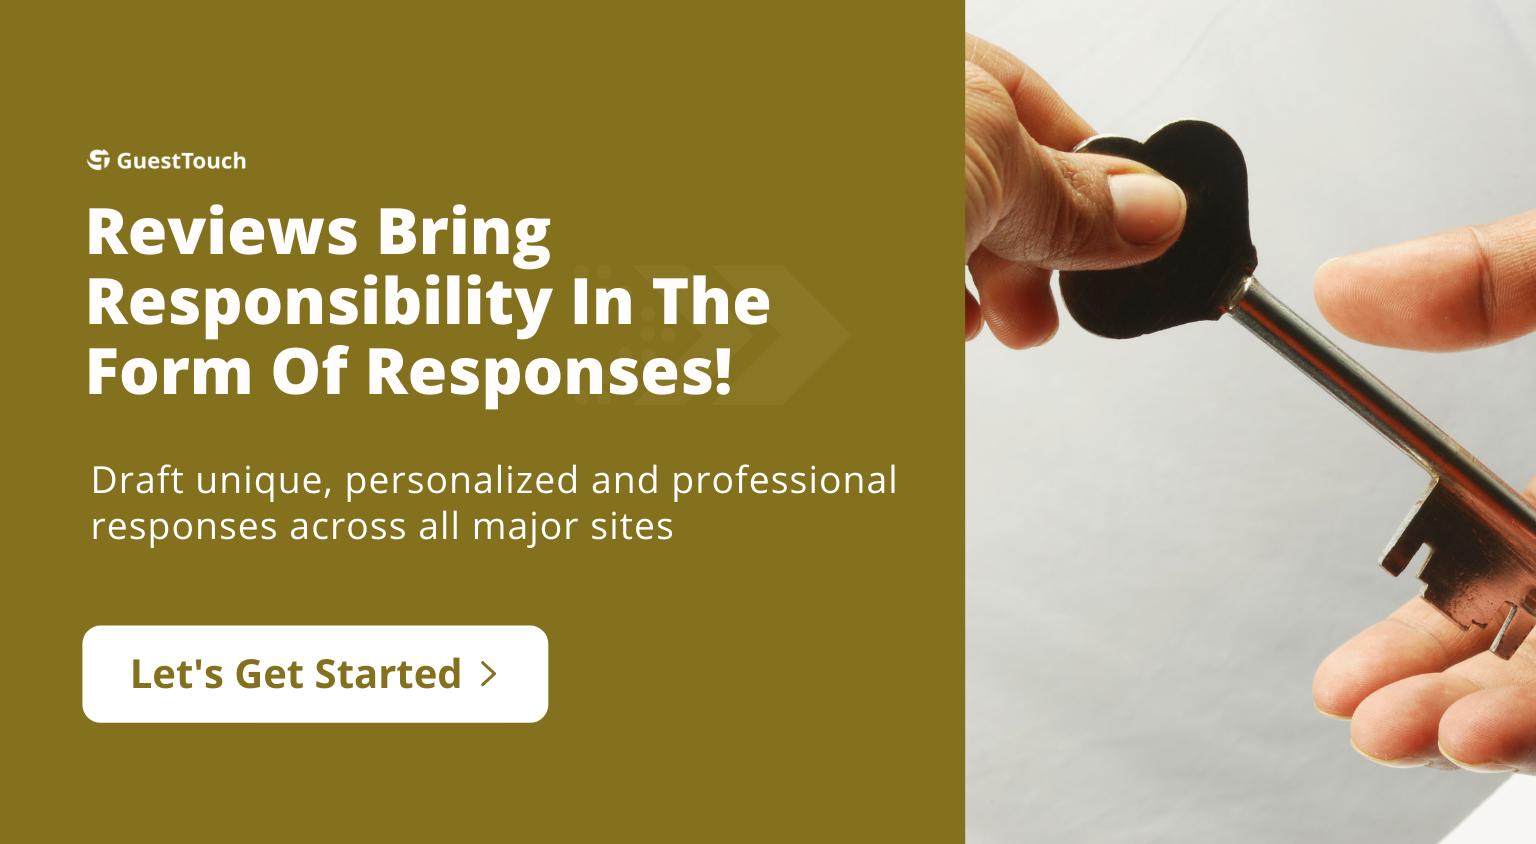 management responses tablet CTA